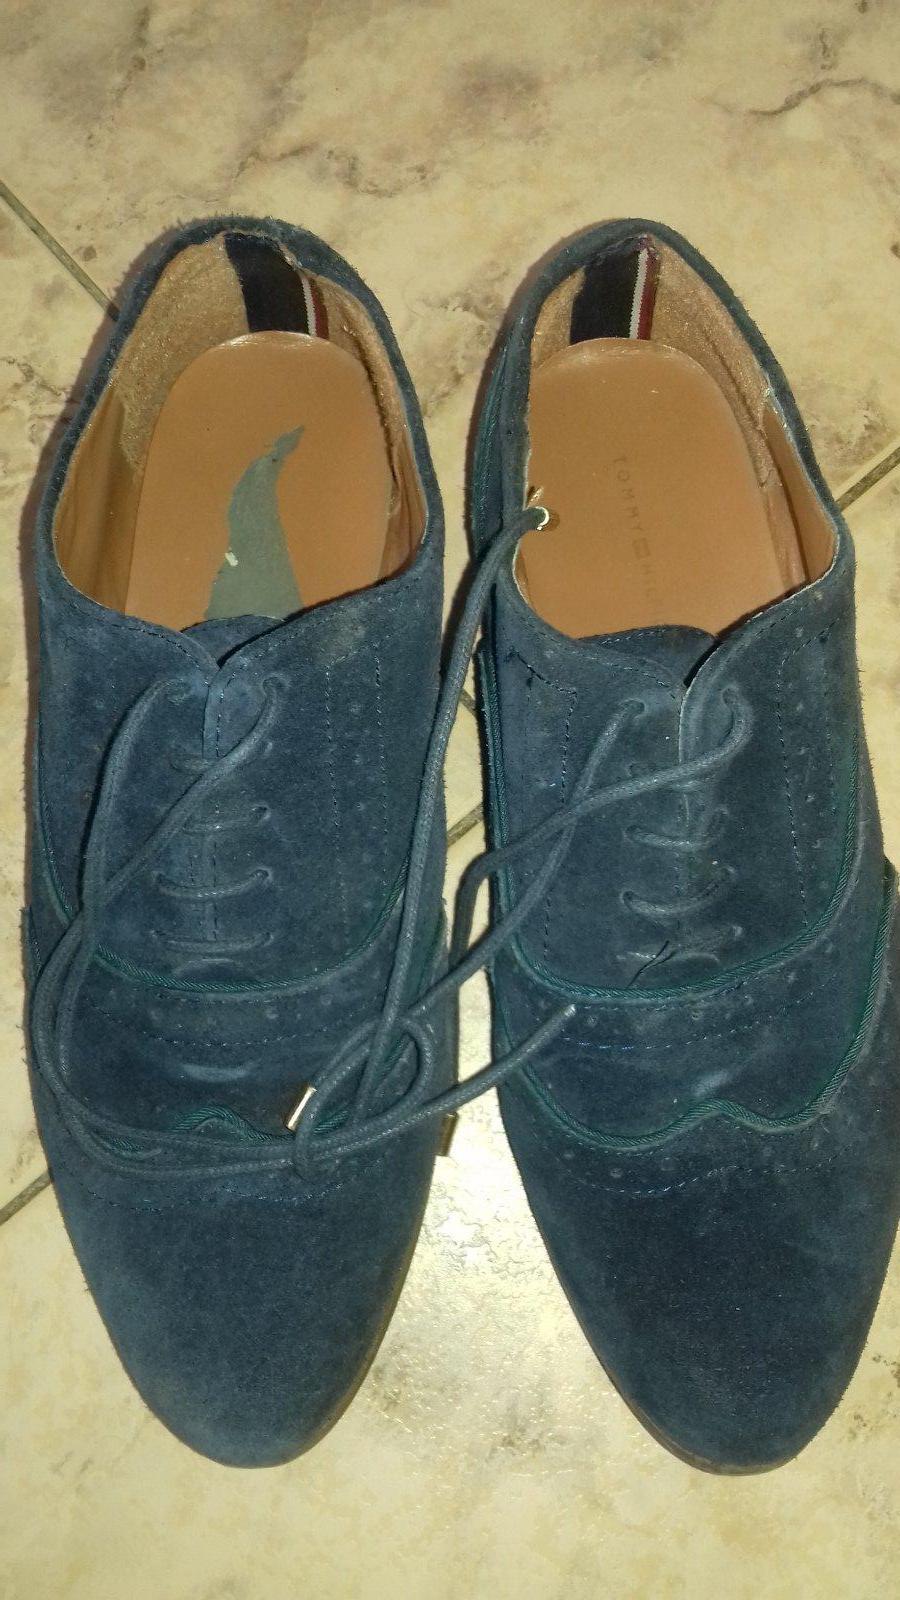 49e11d63e506 Tommy hilfiger topánky č.38